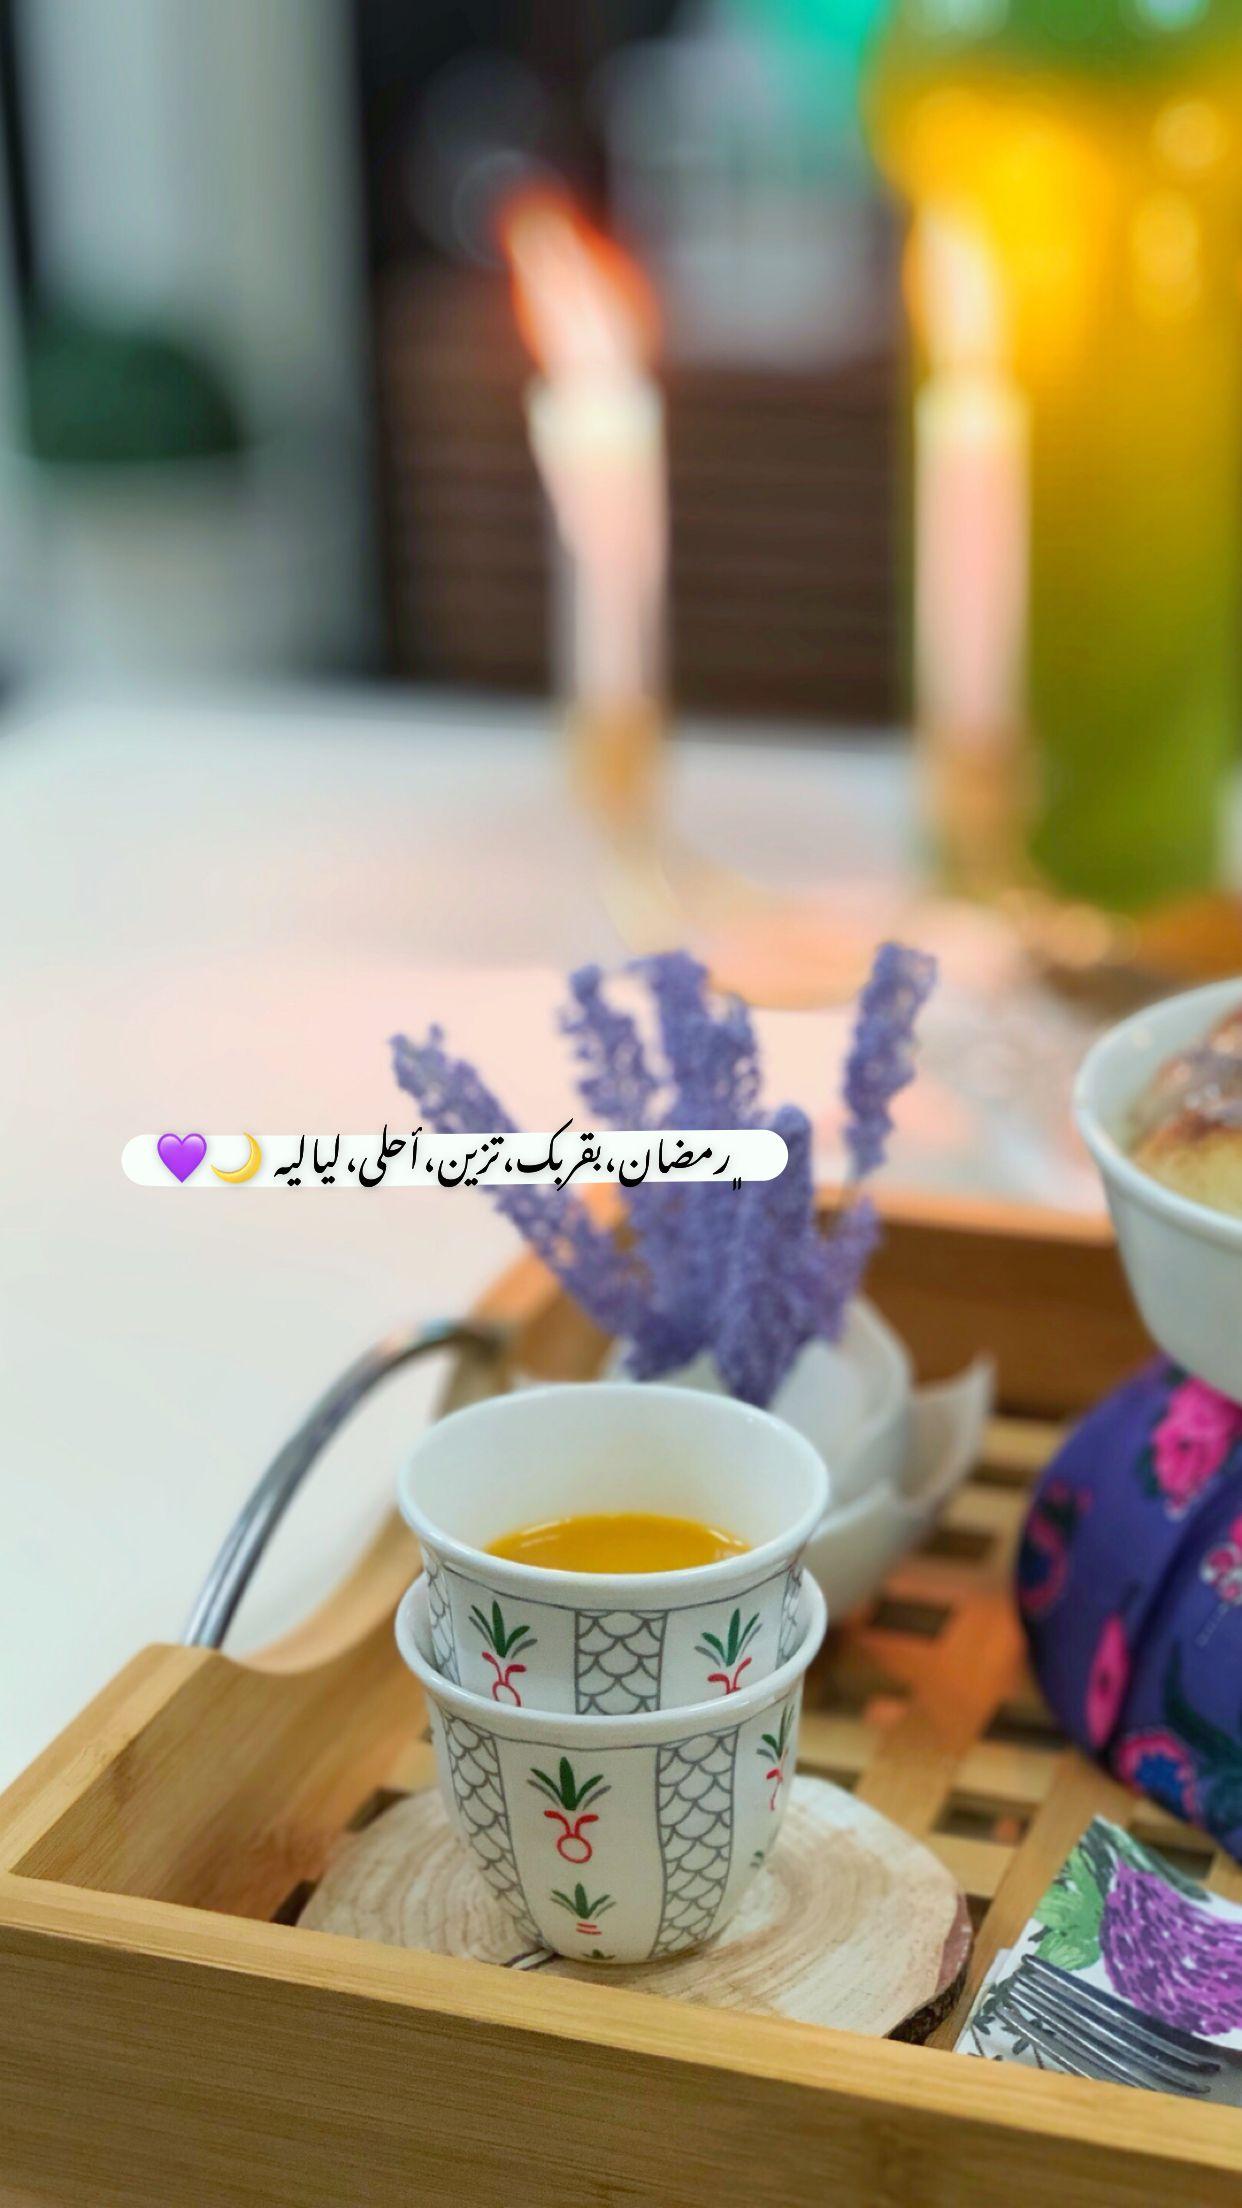 دعاء ادعية رمضان اقتباسات قهوة سناب السعودية الشرقية تصويري سنابات صور Girly Images Ramadan Mubarak Wallpapers Ramadan Gifts